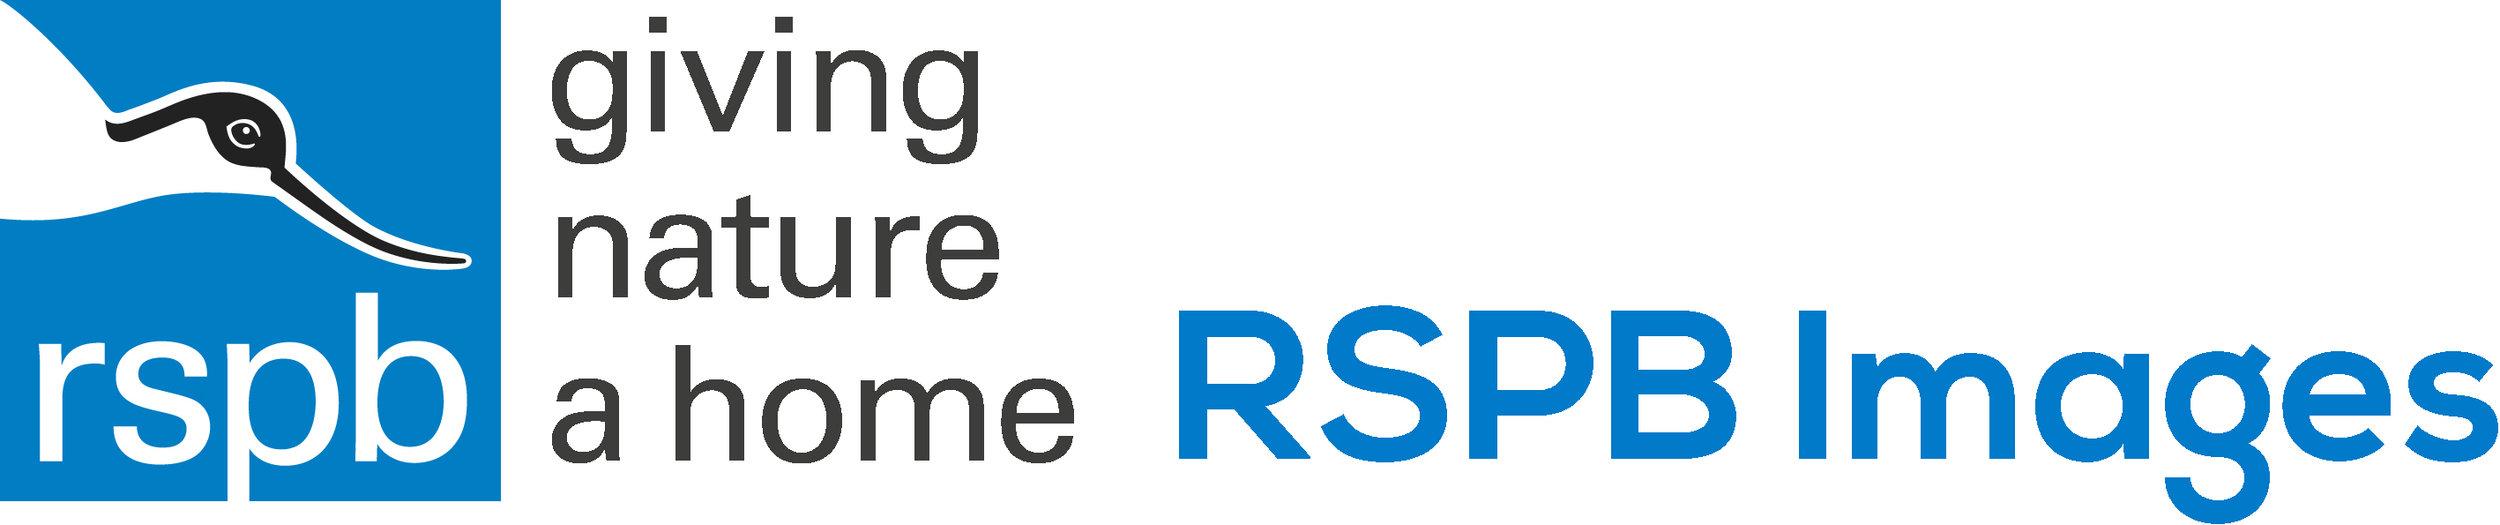 rspb images logo.jpg